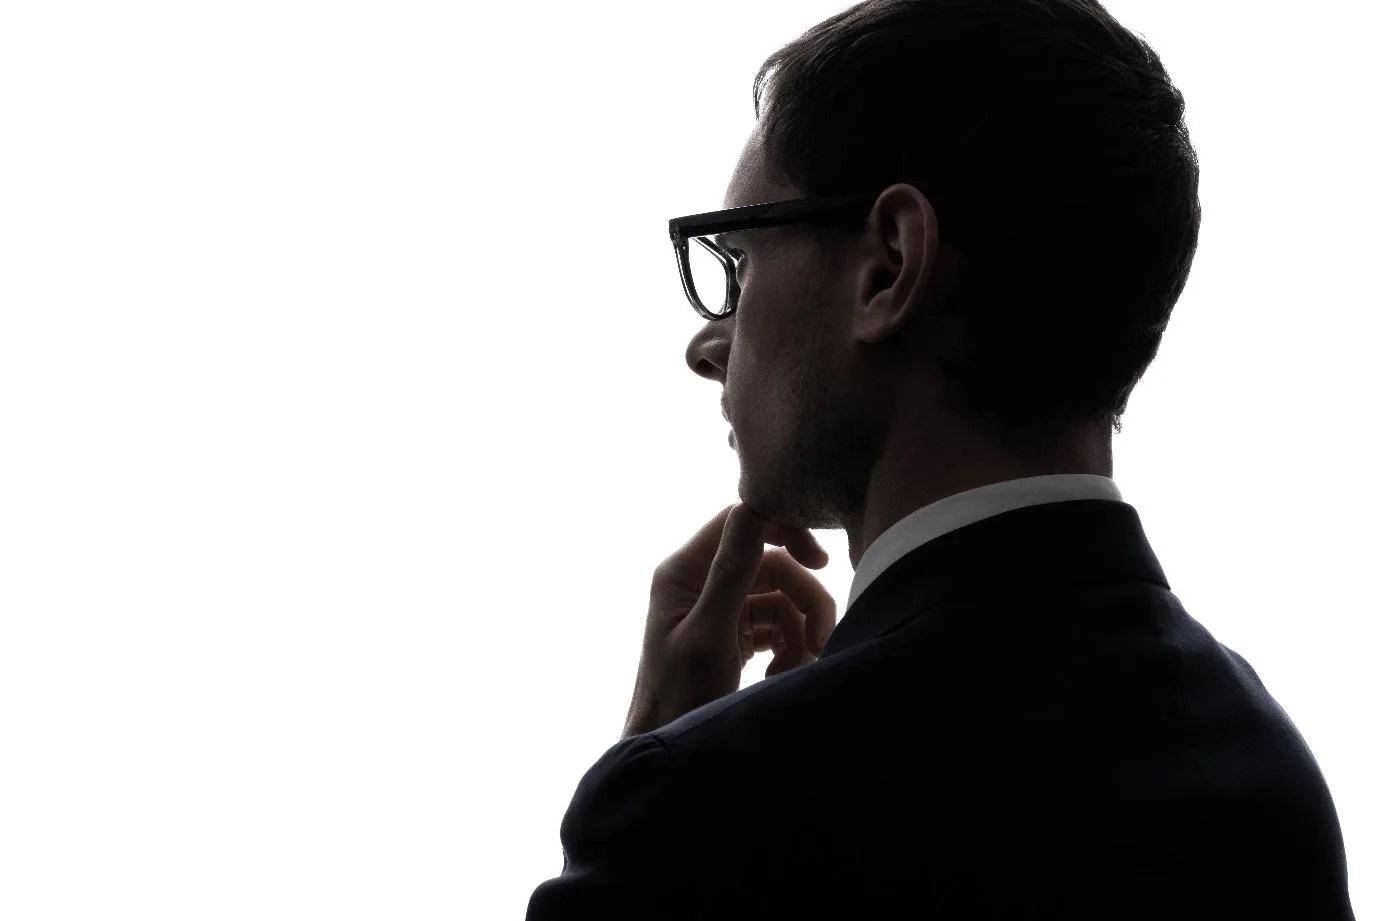 世界のファンドマネージャー年収ランキング 優秀なファンドマネージャーに運用してもらう方法